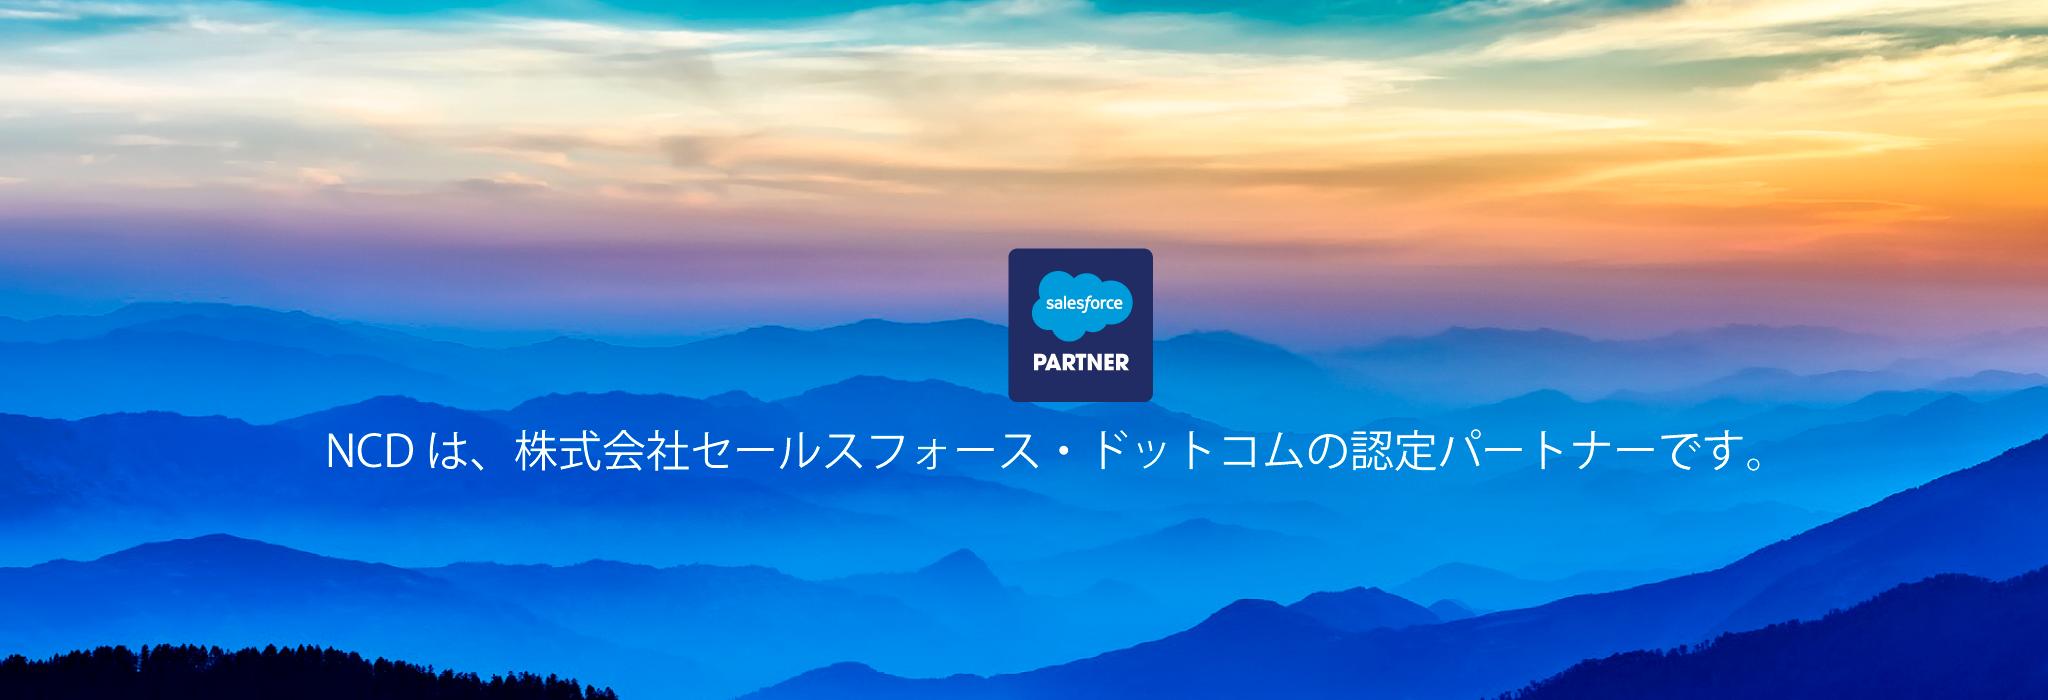 appexchange partner